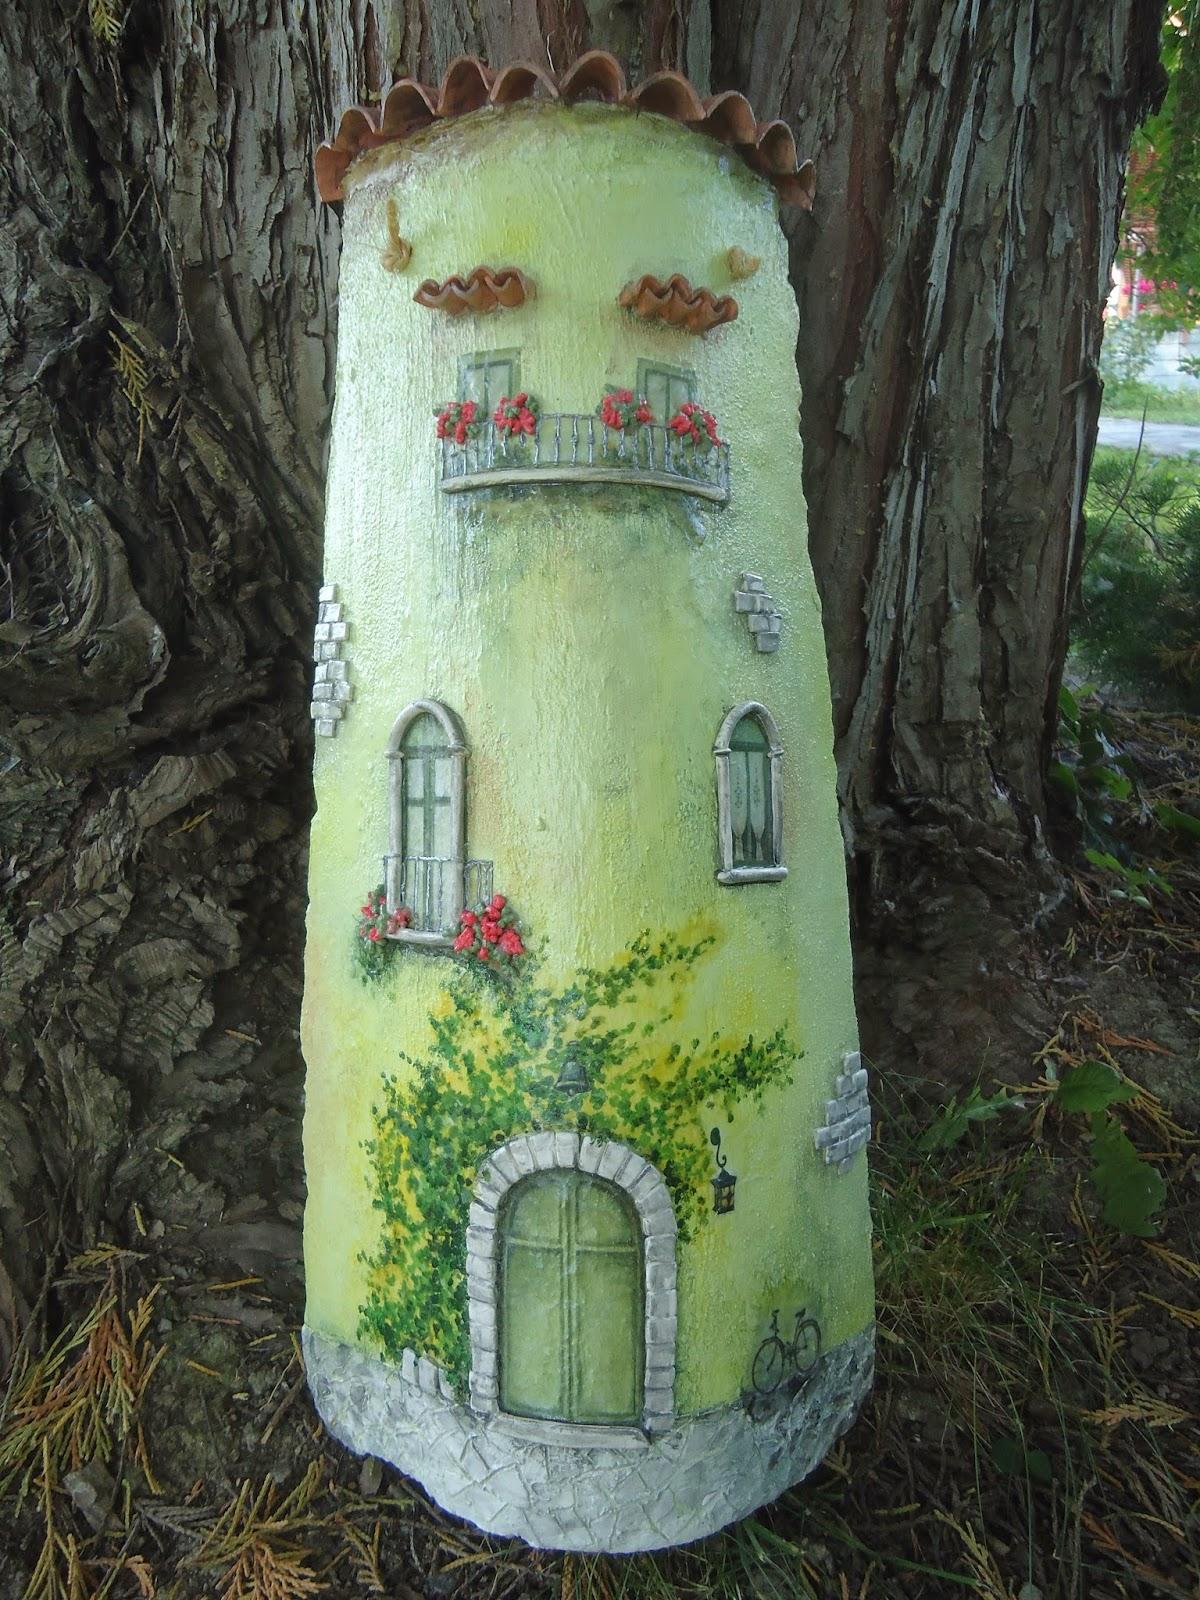 La bottega delle fate creative nuova produzione di coppi - Coppi decorati in rilievo ...